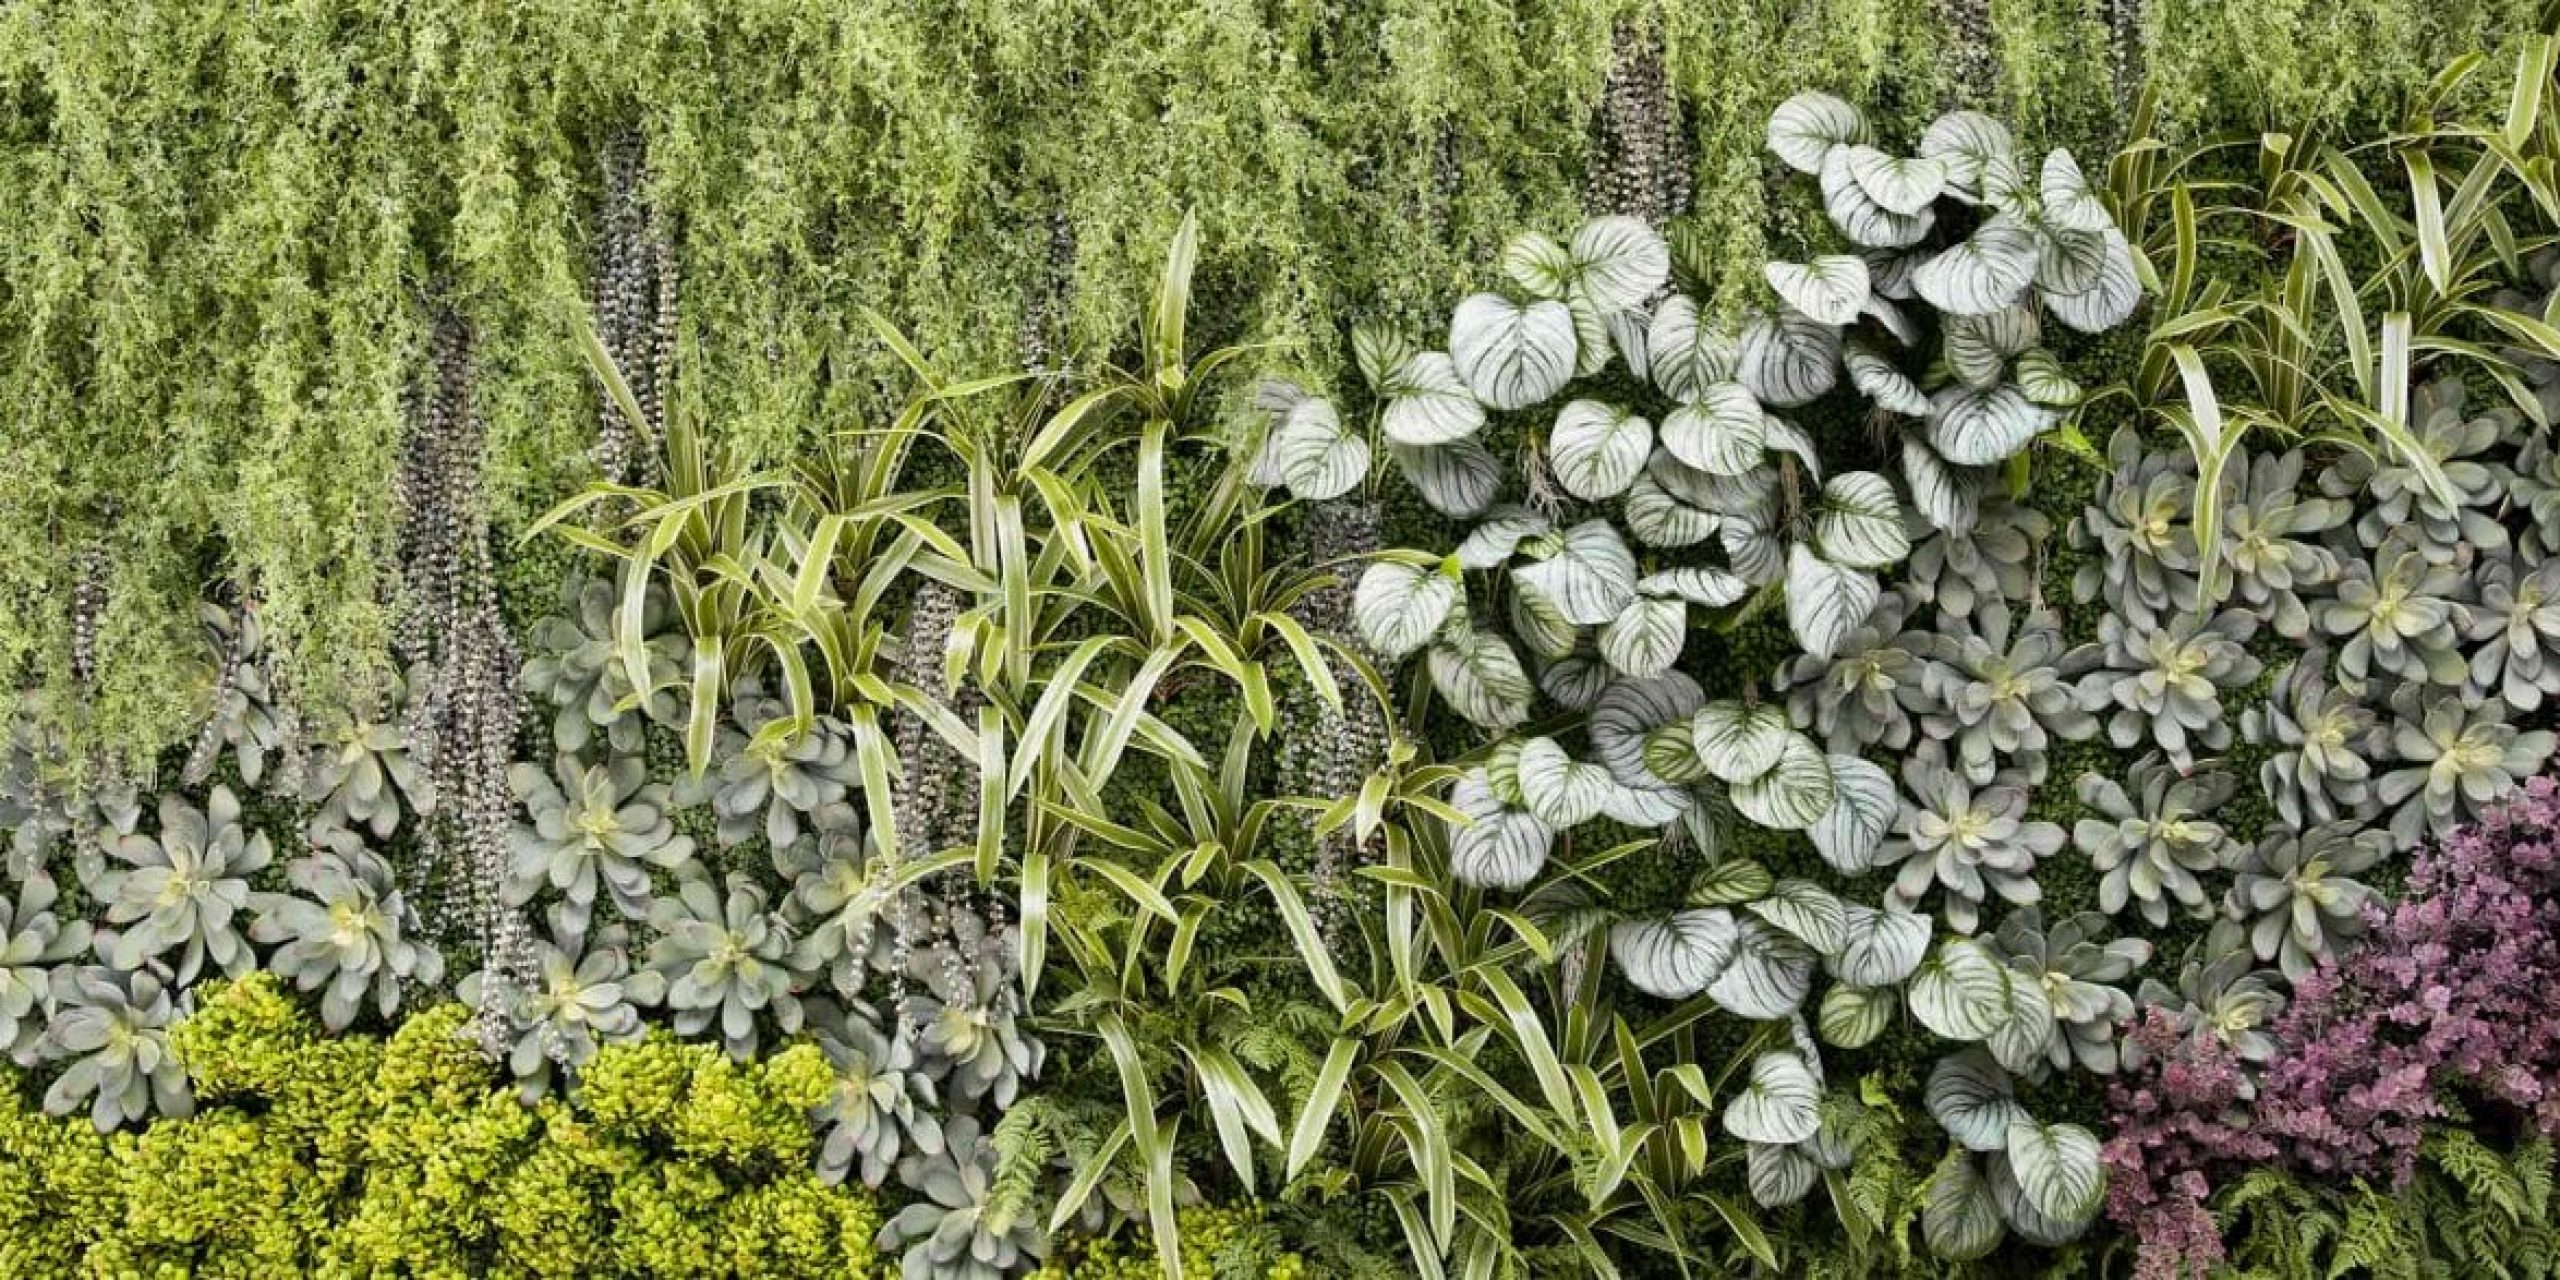 giardino-verticale-artificiale